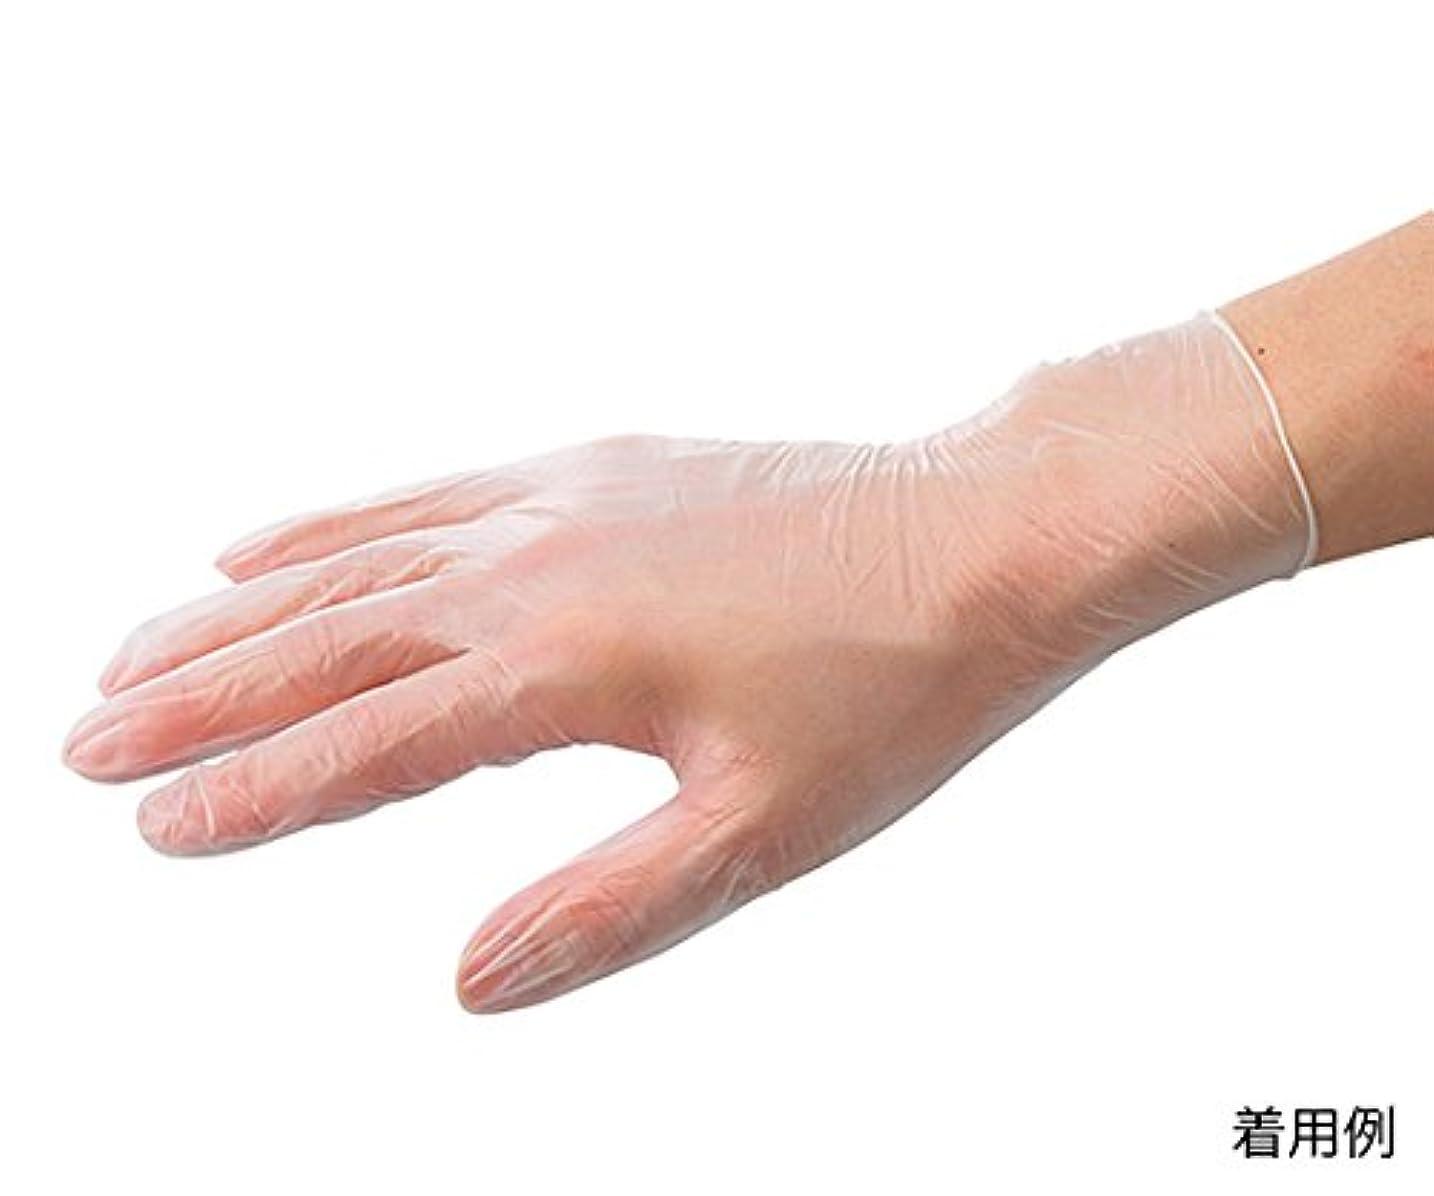 差別する超越するアクティブARメディコム・インク・アジアリミテッド7-3727-01バイタルプラスチック手袋(パウダー付き)S150枚入